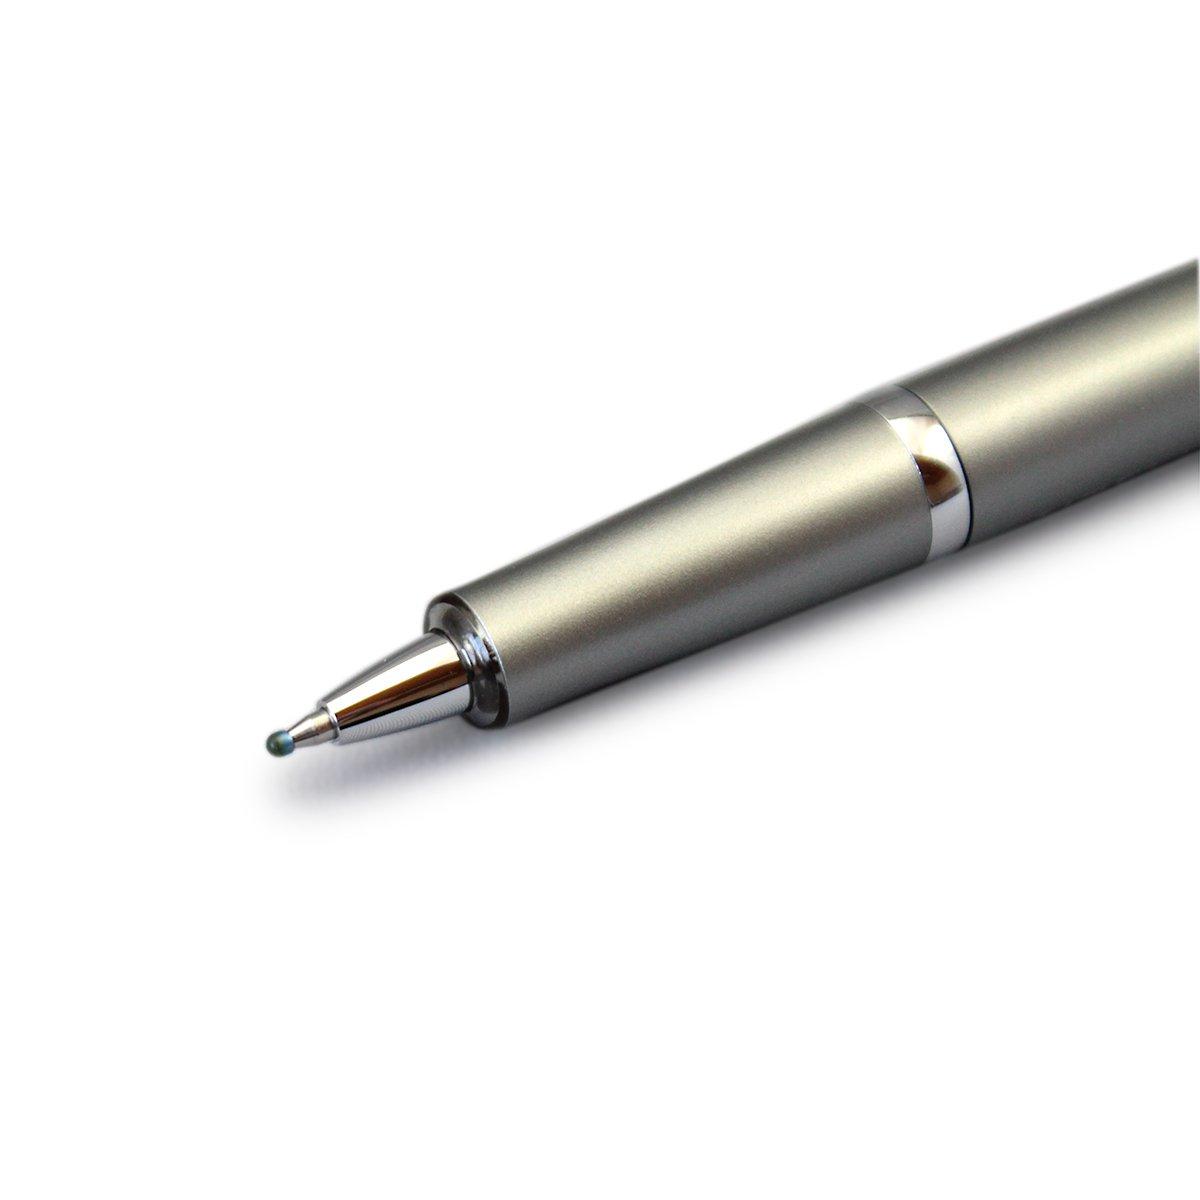 パイロット ボールペン タイムライン FUTURE ダイヤモンドシルバー BTL-5SR-DS